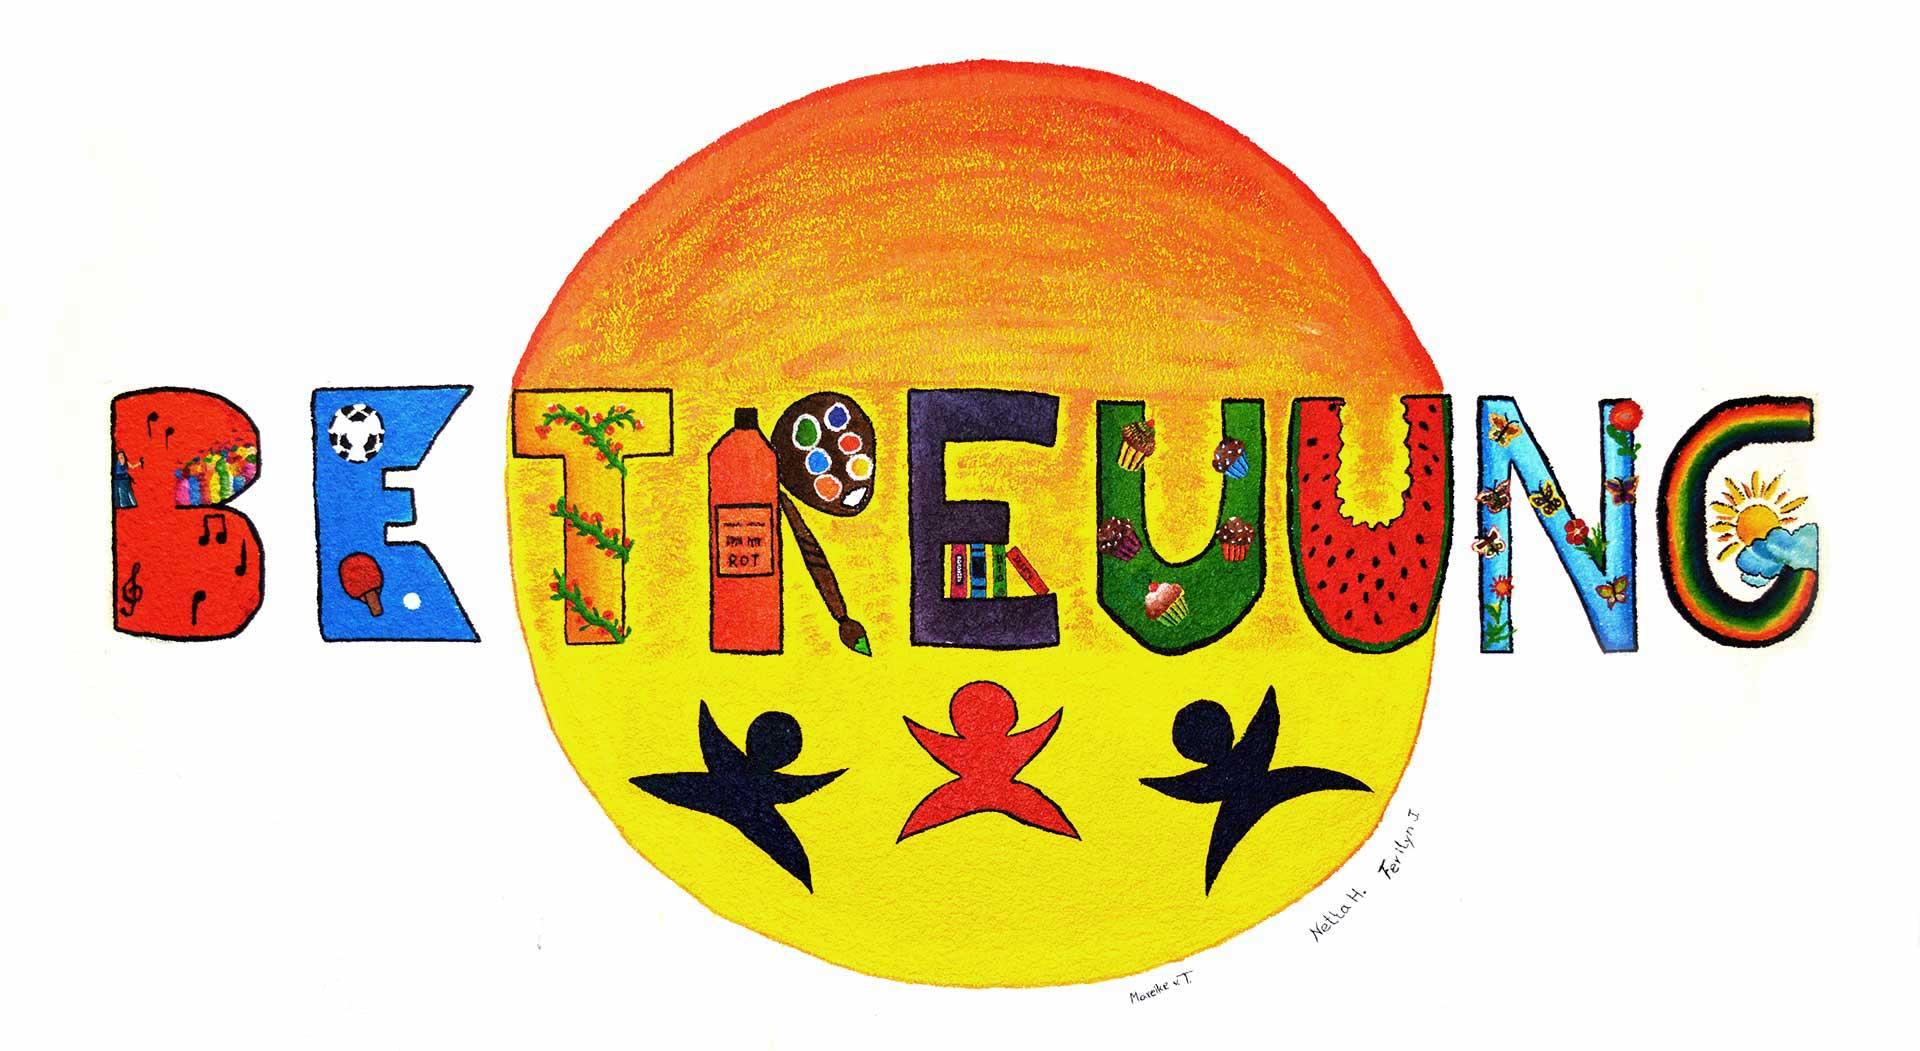 Betreuung_slider-1920_color